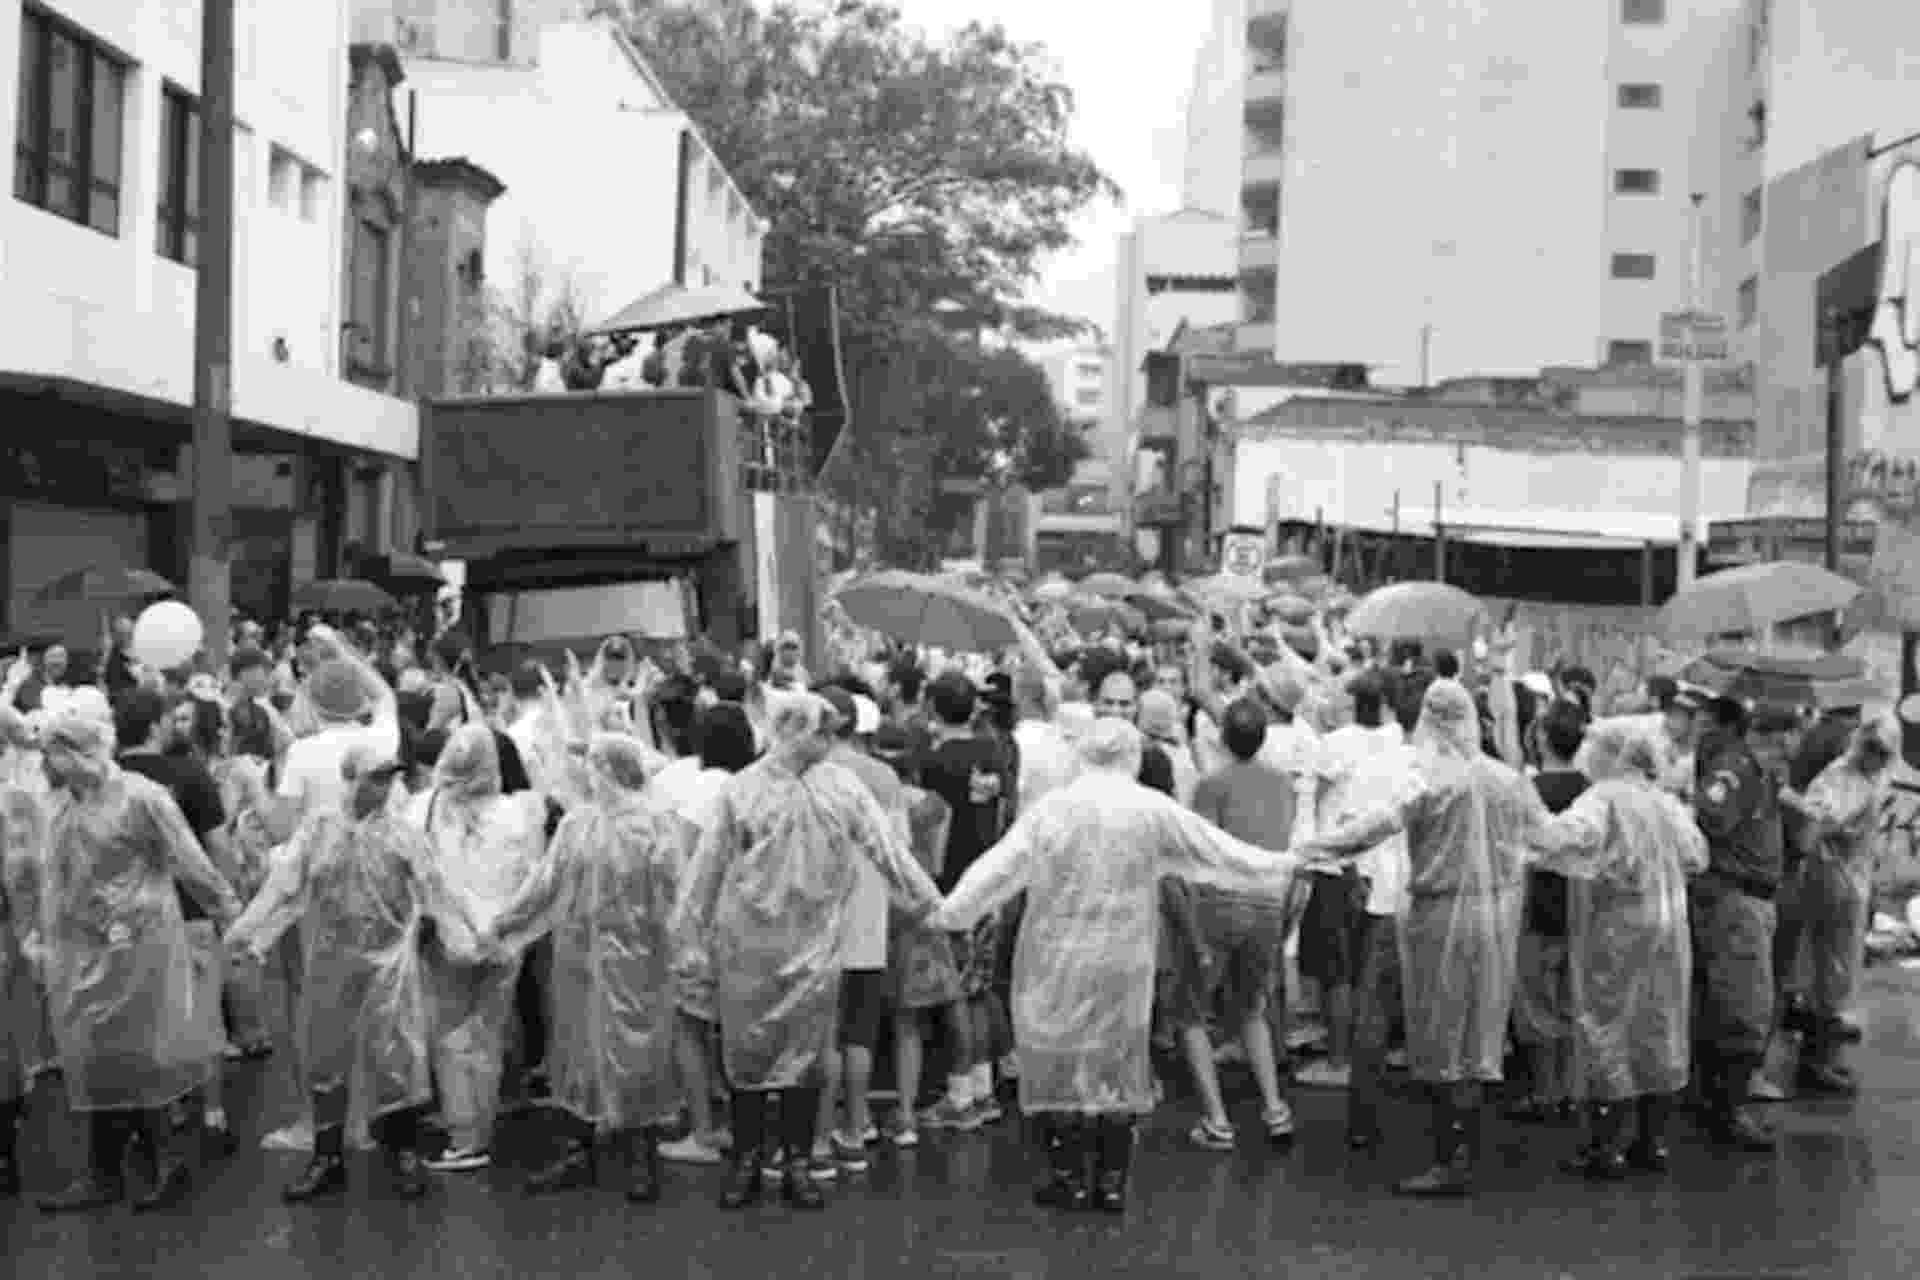 2010 O primeiro desfile do Baixo Augusta, que tinha sido criado em agosto de 2009. Na época, a subprefeitura da Sé, só deixou que o bloco saísse se o percurso fosse feito na calçada da rua Augusta. O que, evidentemente, deu problema. As pessoas terminaram indo para o meio da rua, e criou-se tumulto. - Frâncio de Holanda/Divulgação